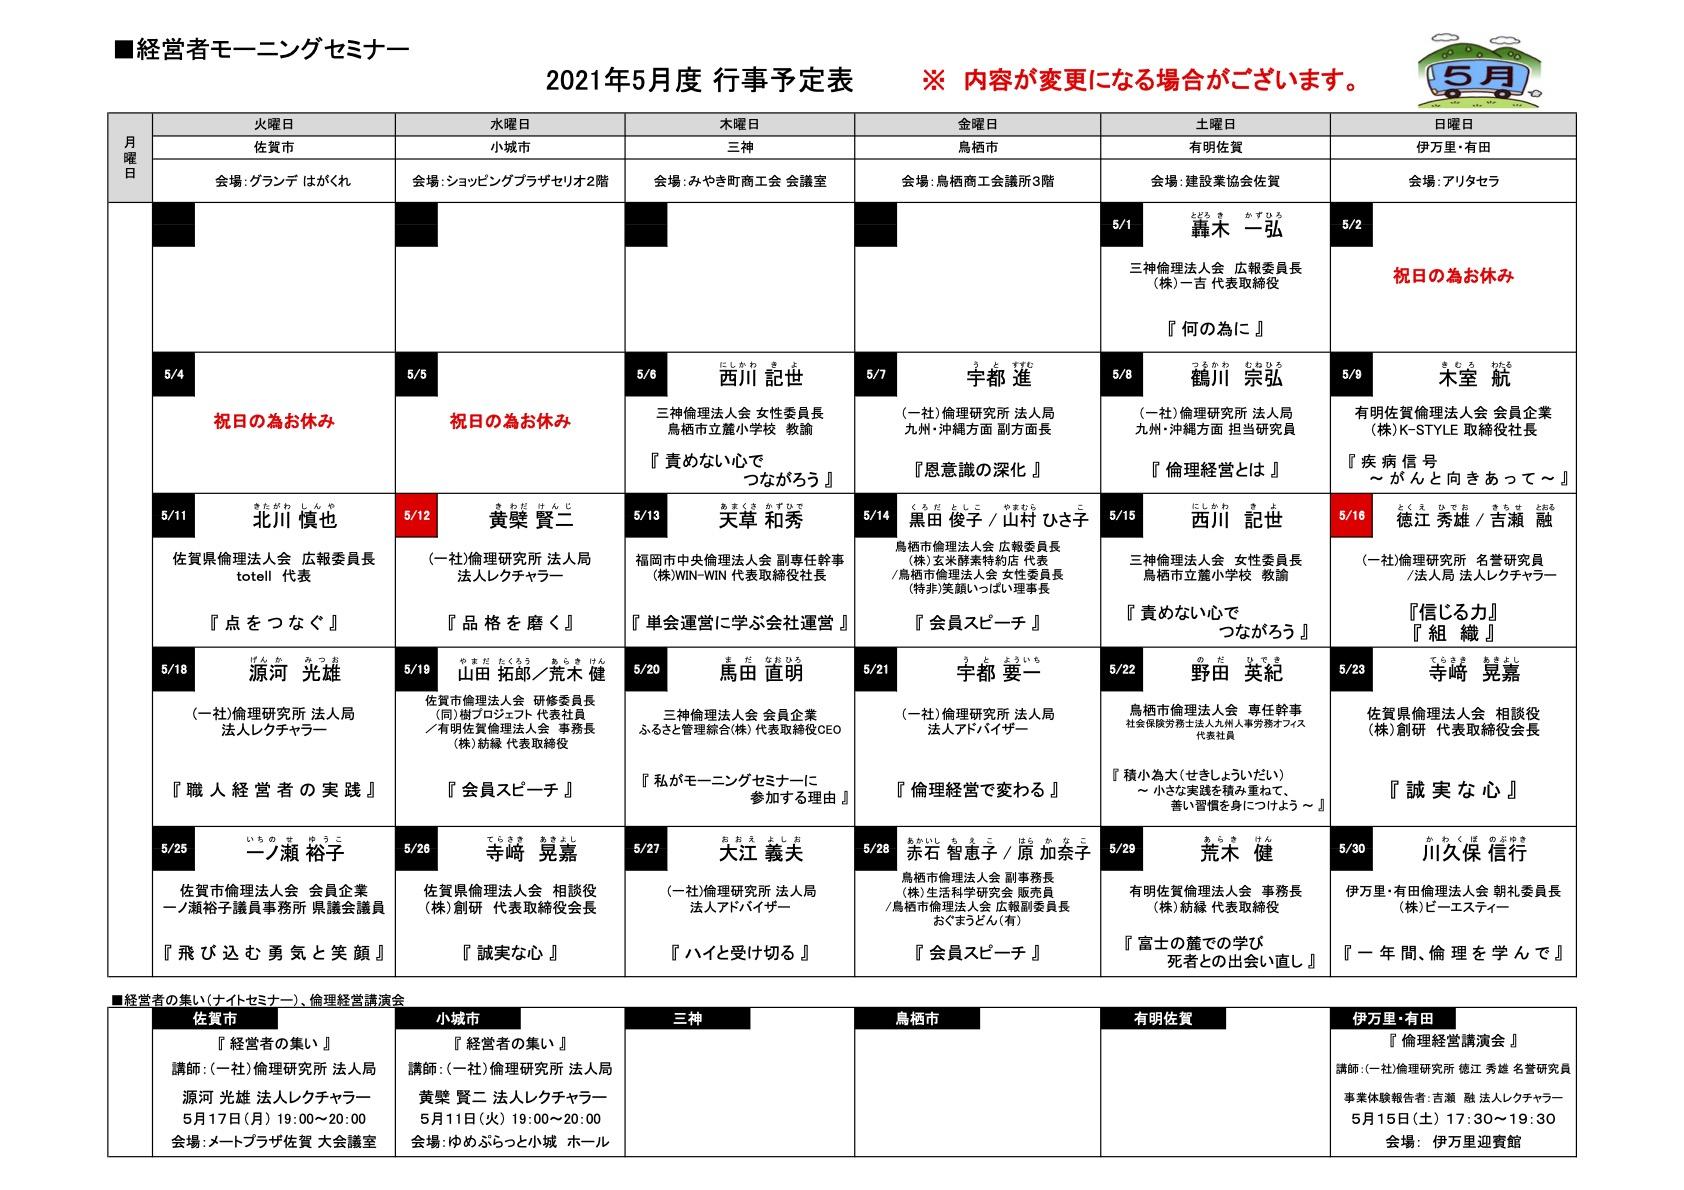 佐賀県倫理法人会 2021年5月度 行事予定表